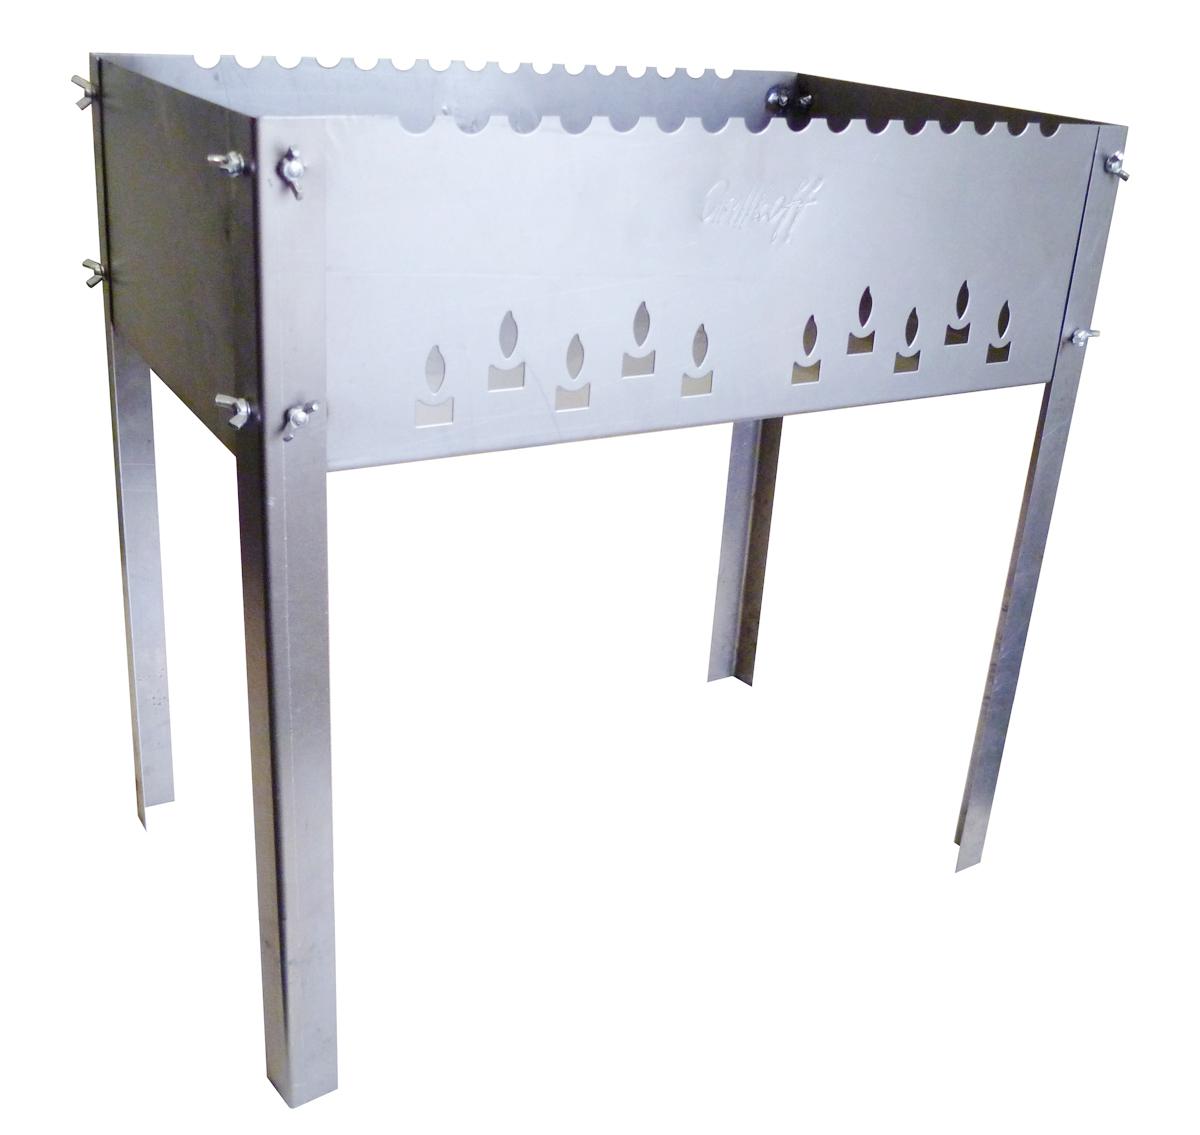 Мангал Max с барашками сталь нержавеющая 1 мм с 6 шампурами в сумкеRUC-01Мангал Max (500х500х300 мм. из нержавеющей стали 1 мм) с барашками с волной, с логотипом, с 6 шампурами в сумке Мангал без усилий собирается для применения.Конструкция позволяет с комфортом готовить на мангале.Материал,из которого изготовлен мангал - нержавеющая стал, шампура - нержавеющая сталь.